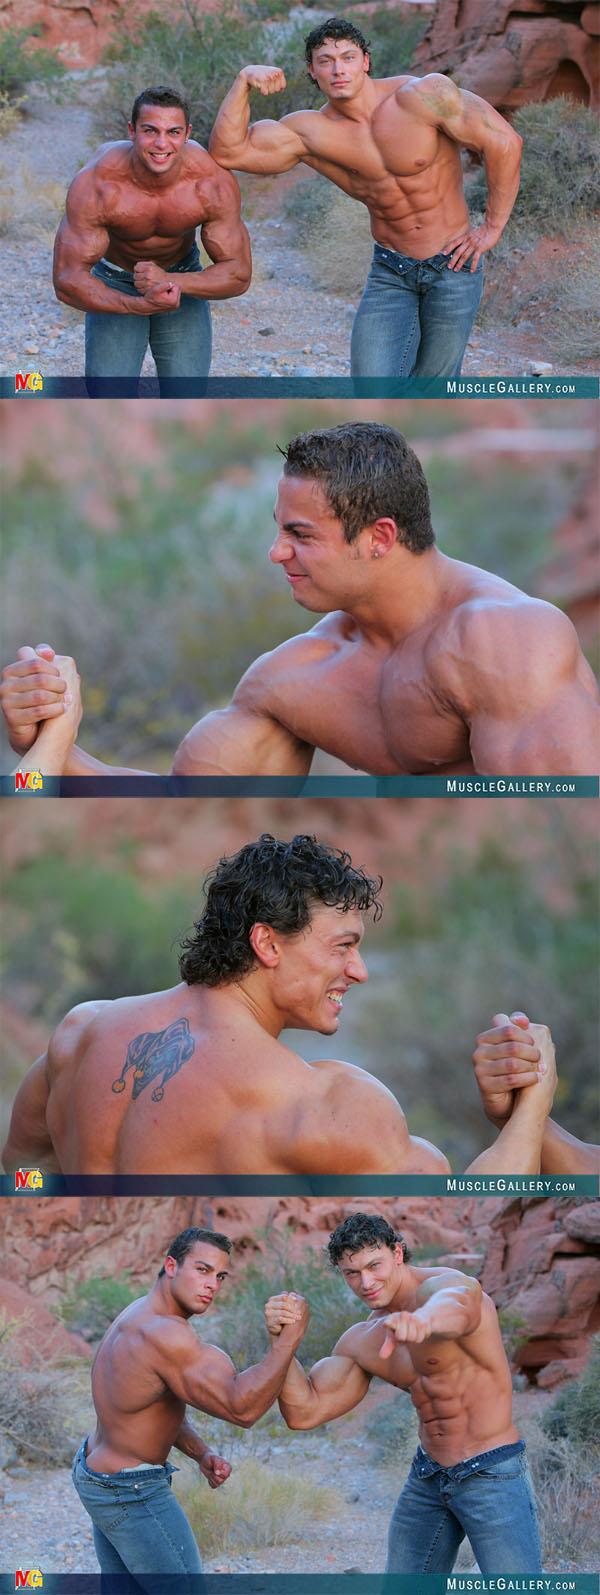 Sweaty bodybuilders arm wrestle